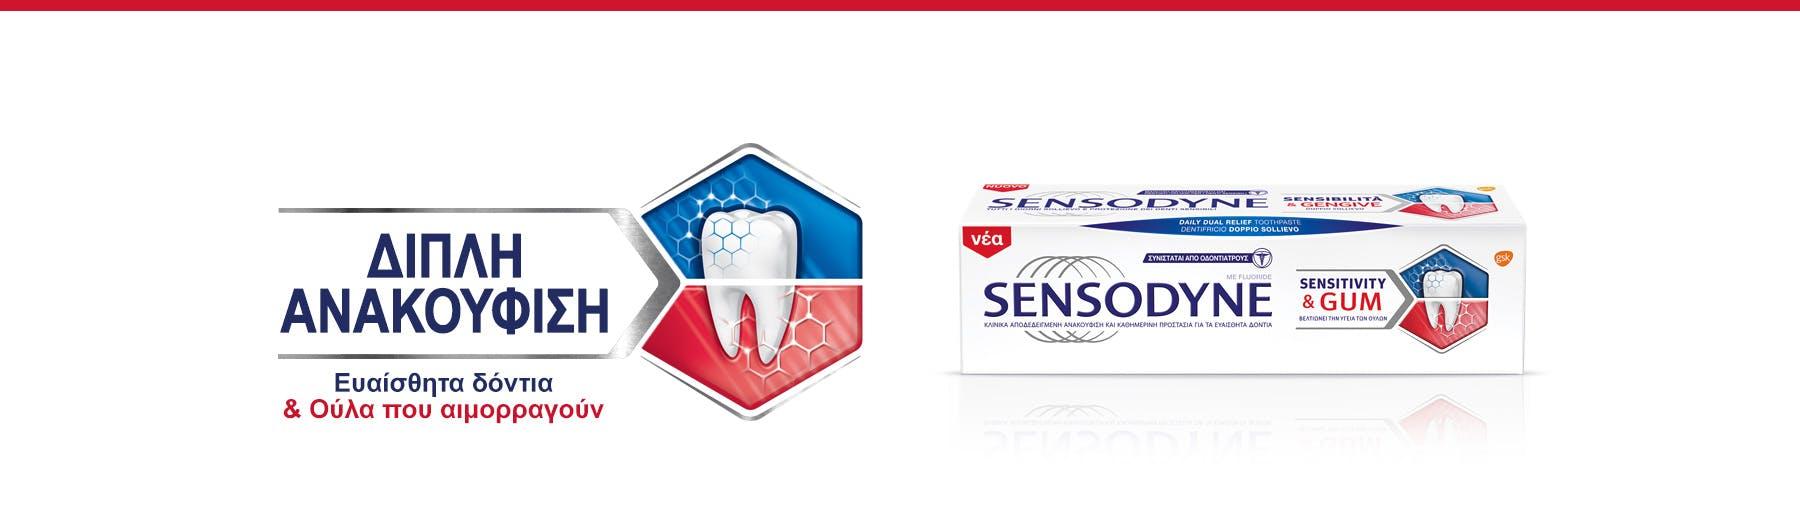 Συσκευασία οδοντόκρεμας Sensodyne Sensitivity & Gum για διπλή ανακούφιση και ευαίσθητα δόντια